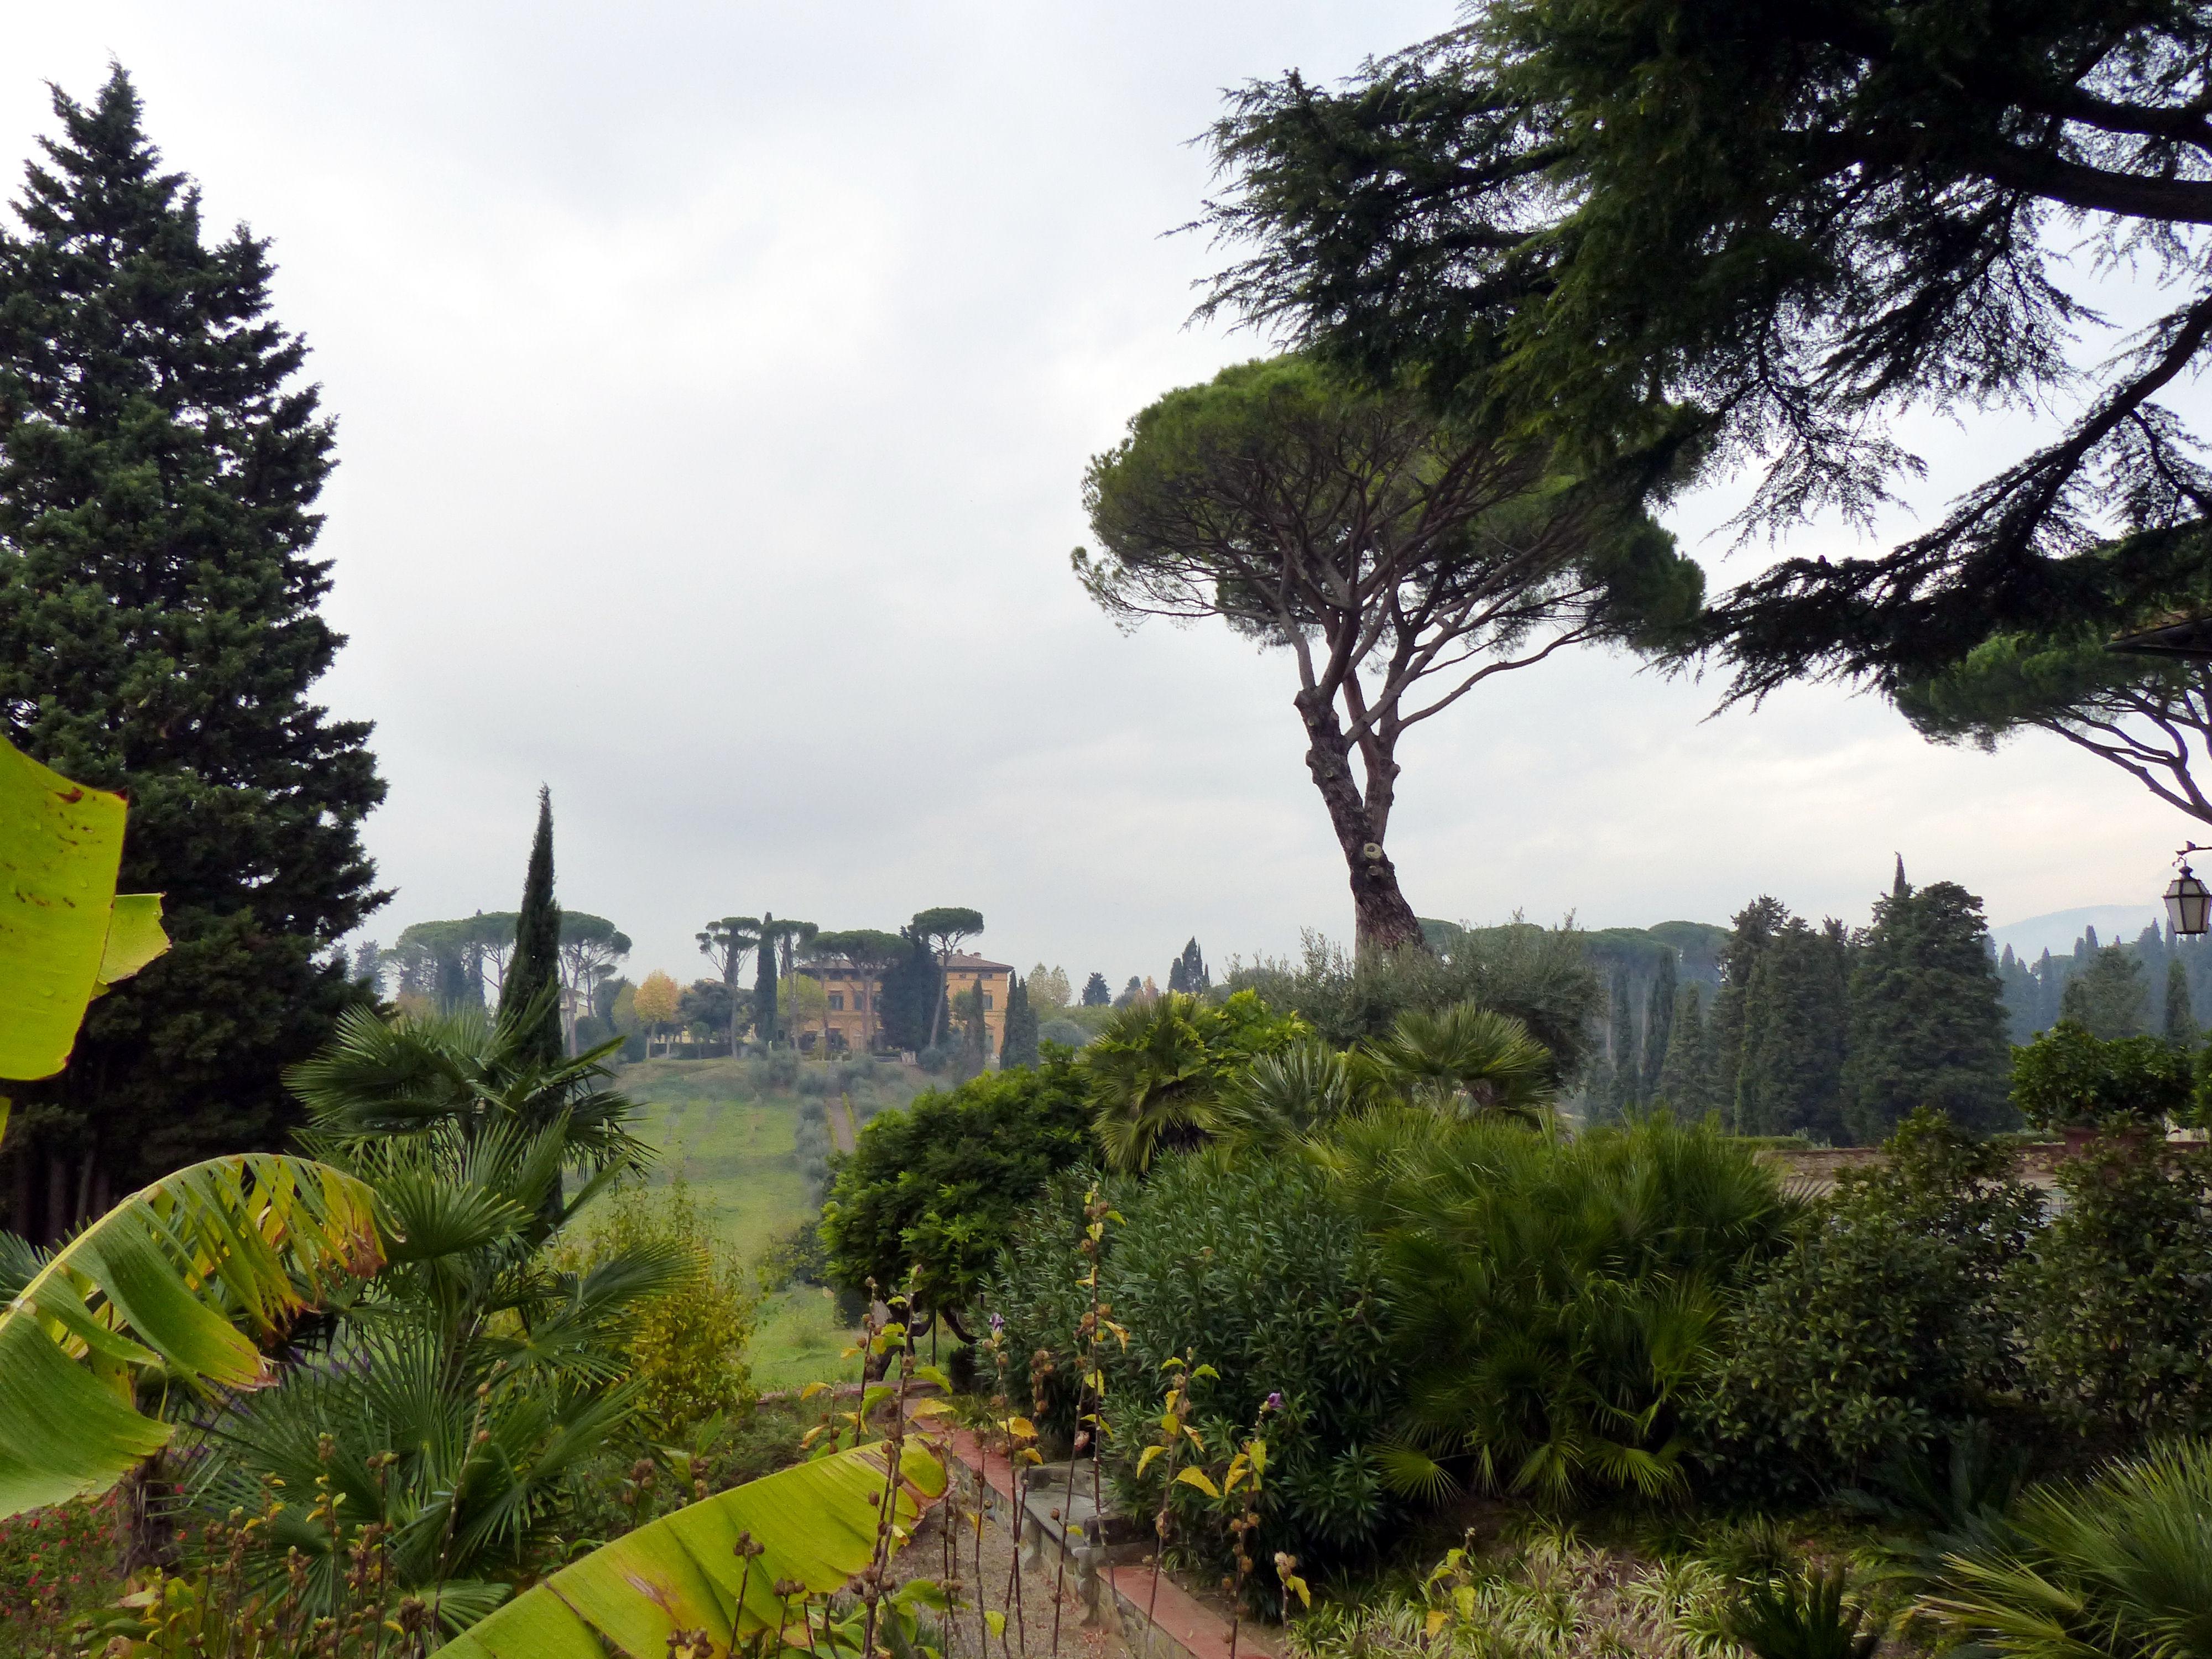 © Dipartimento di Scienze della Vita, Università di Trieste<br>by Andrea Moro<br>Comune di Firenze, nei pressi della Villa La Pietra, FI, Toscana, Italia, 02/11/2017<br>Distributed under CC-BY-SA 4.0 license.